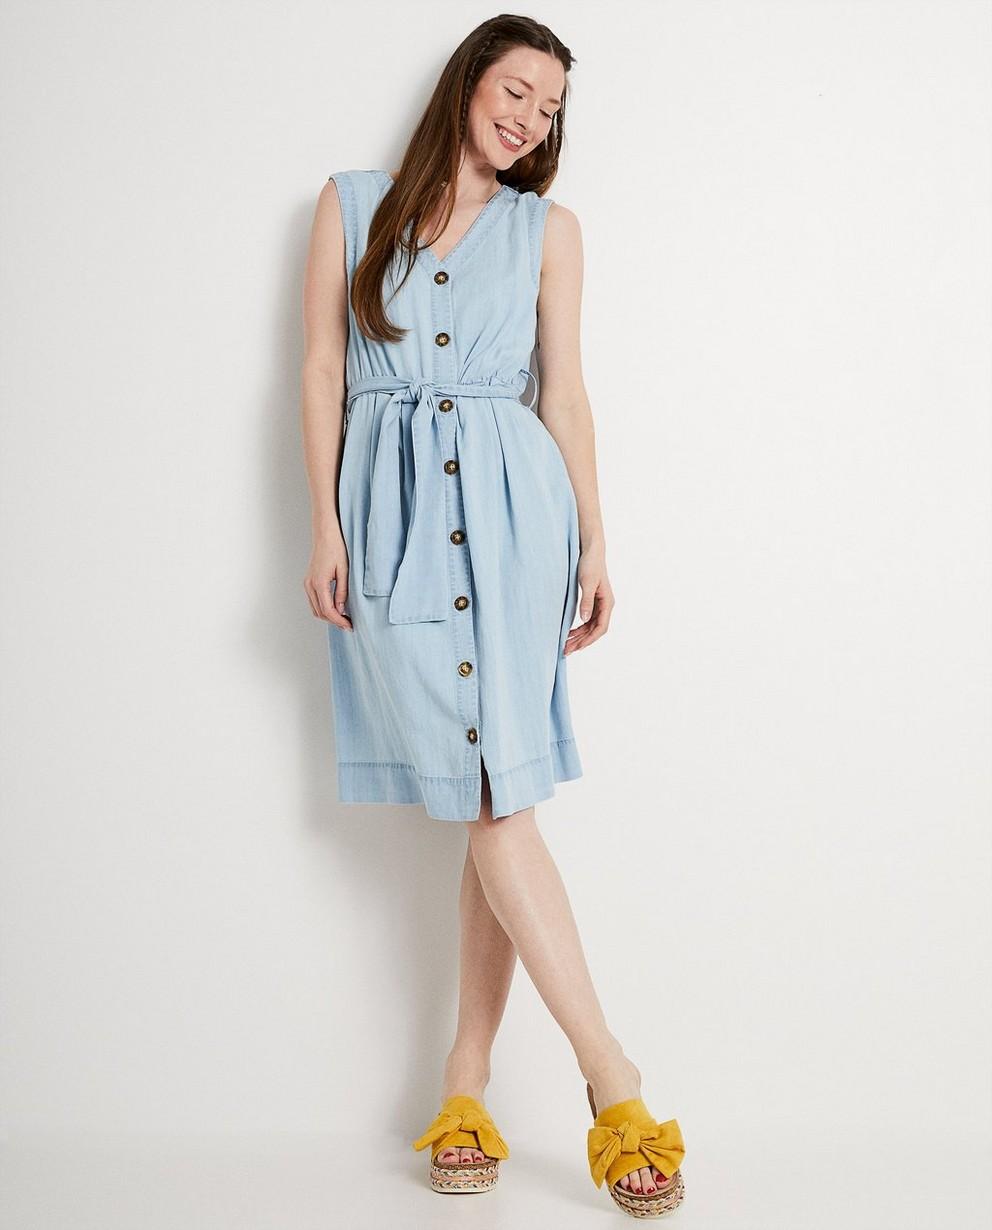 Robe bleu ciel en lyocell - look jeans - JBC